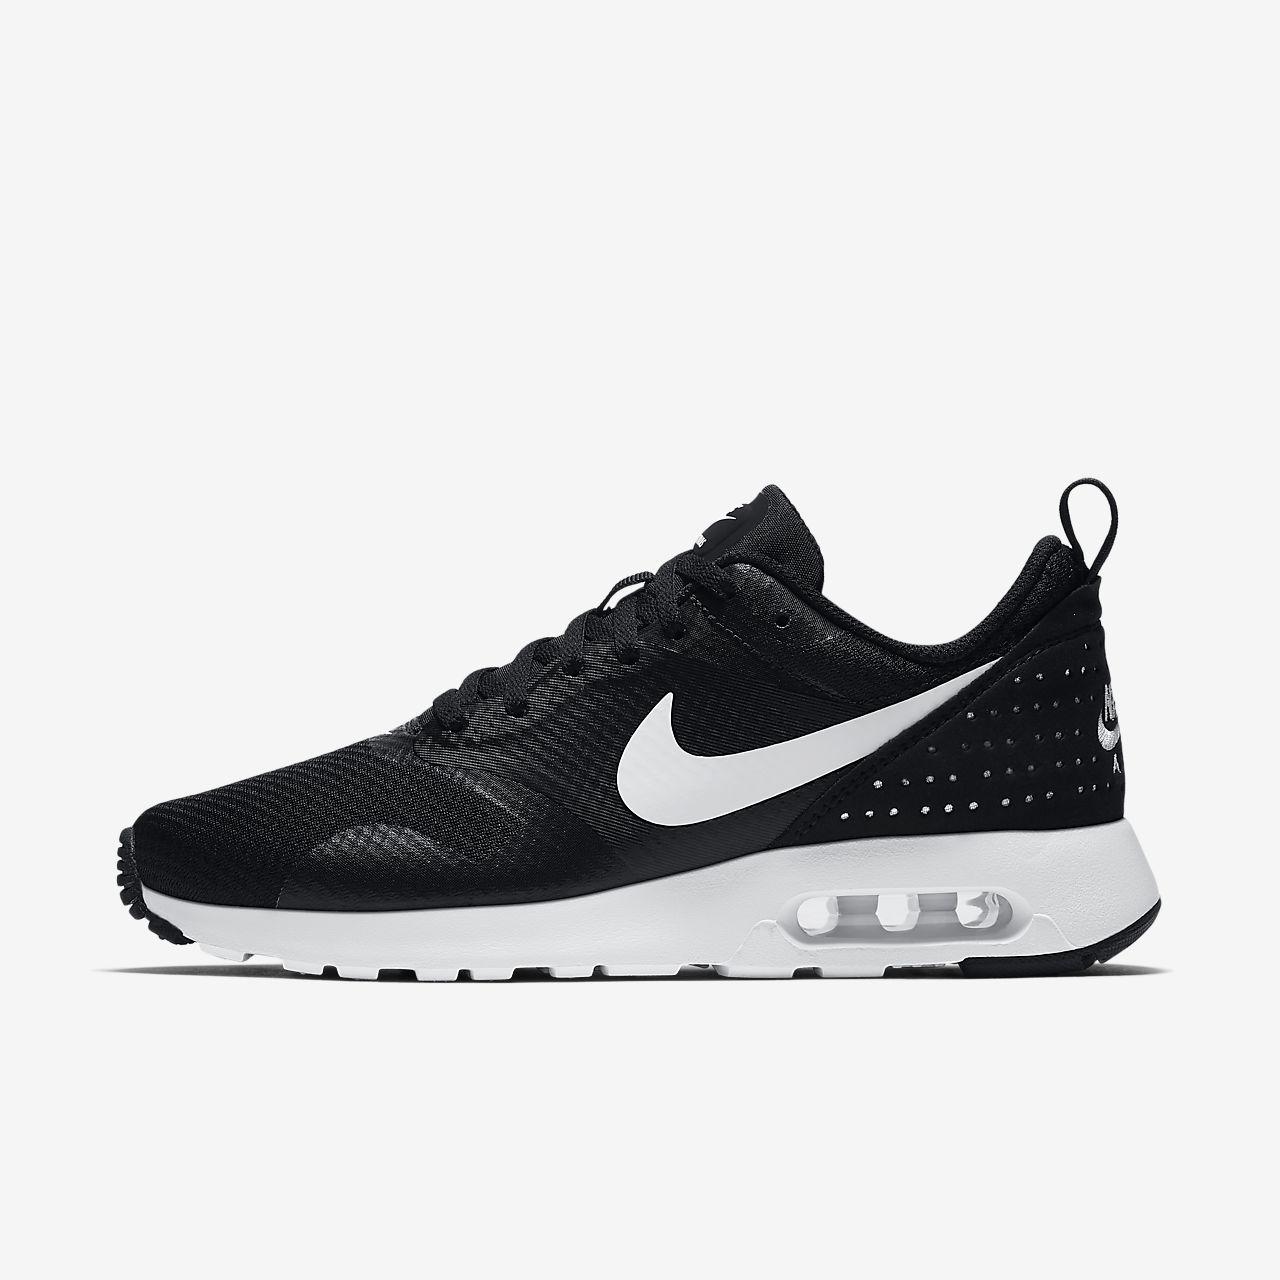 8c33b55490bf Nike Air Max Tavas Women s Shoe. Nike.com